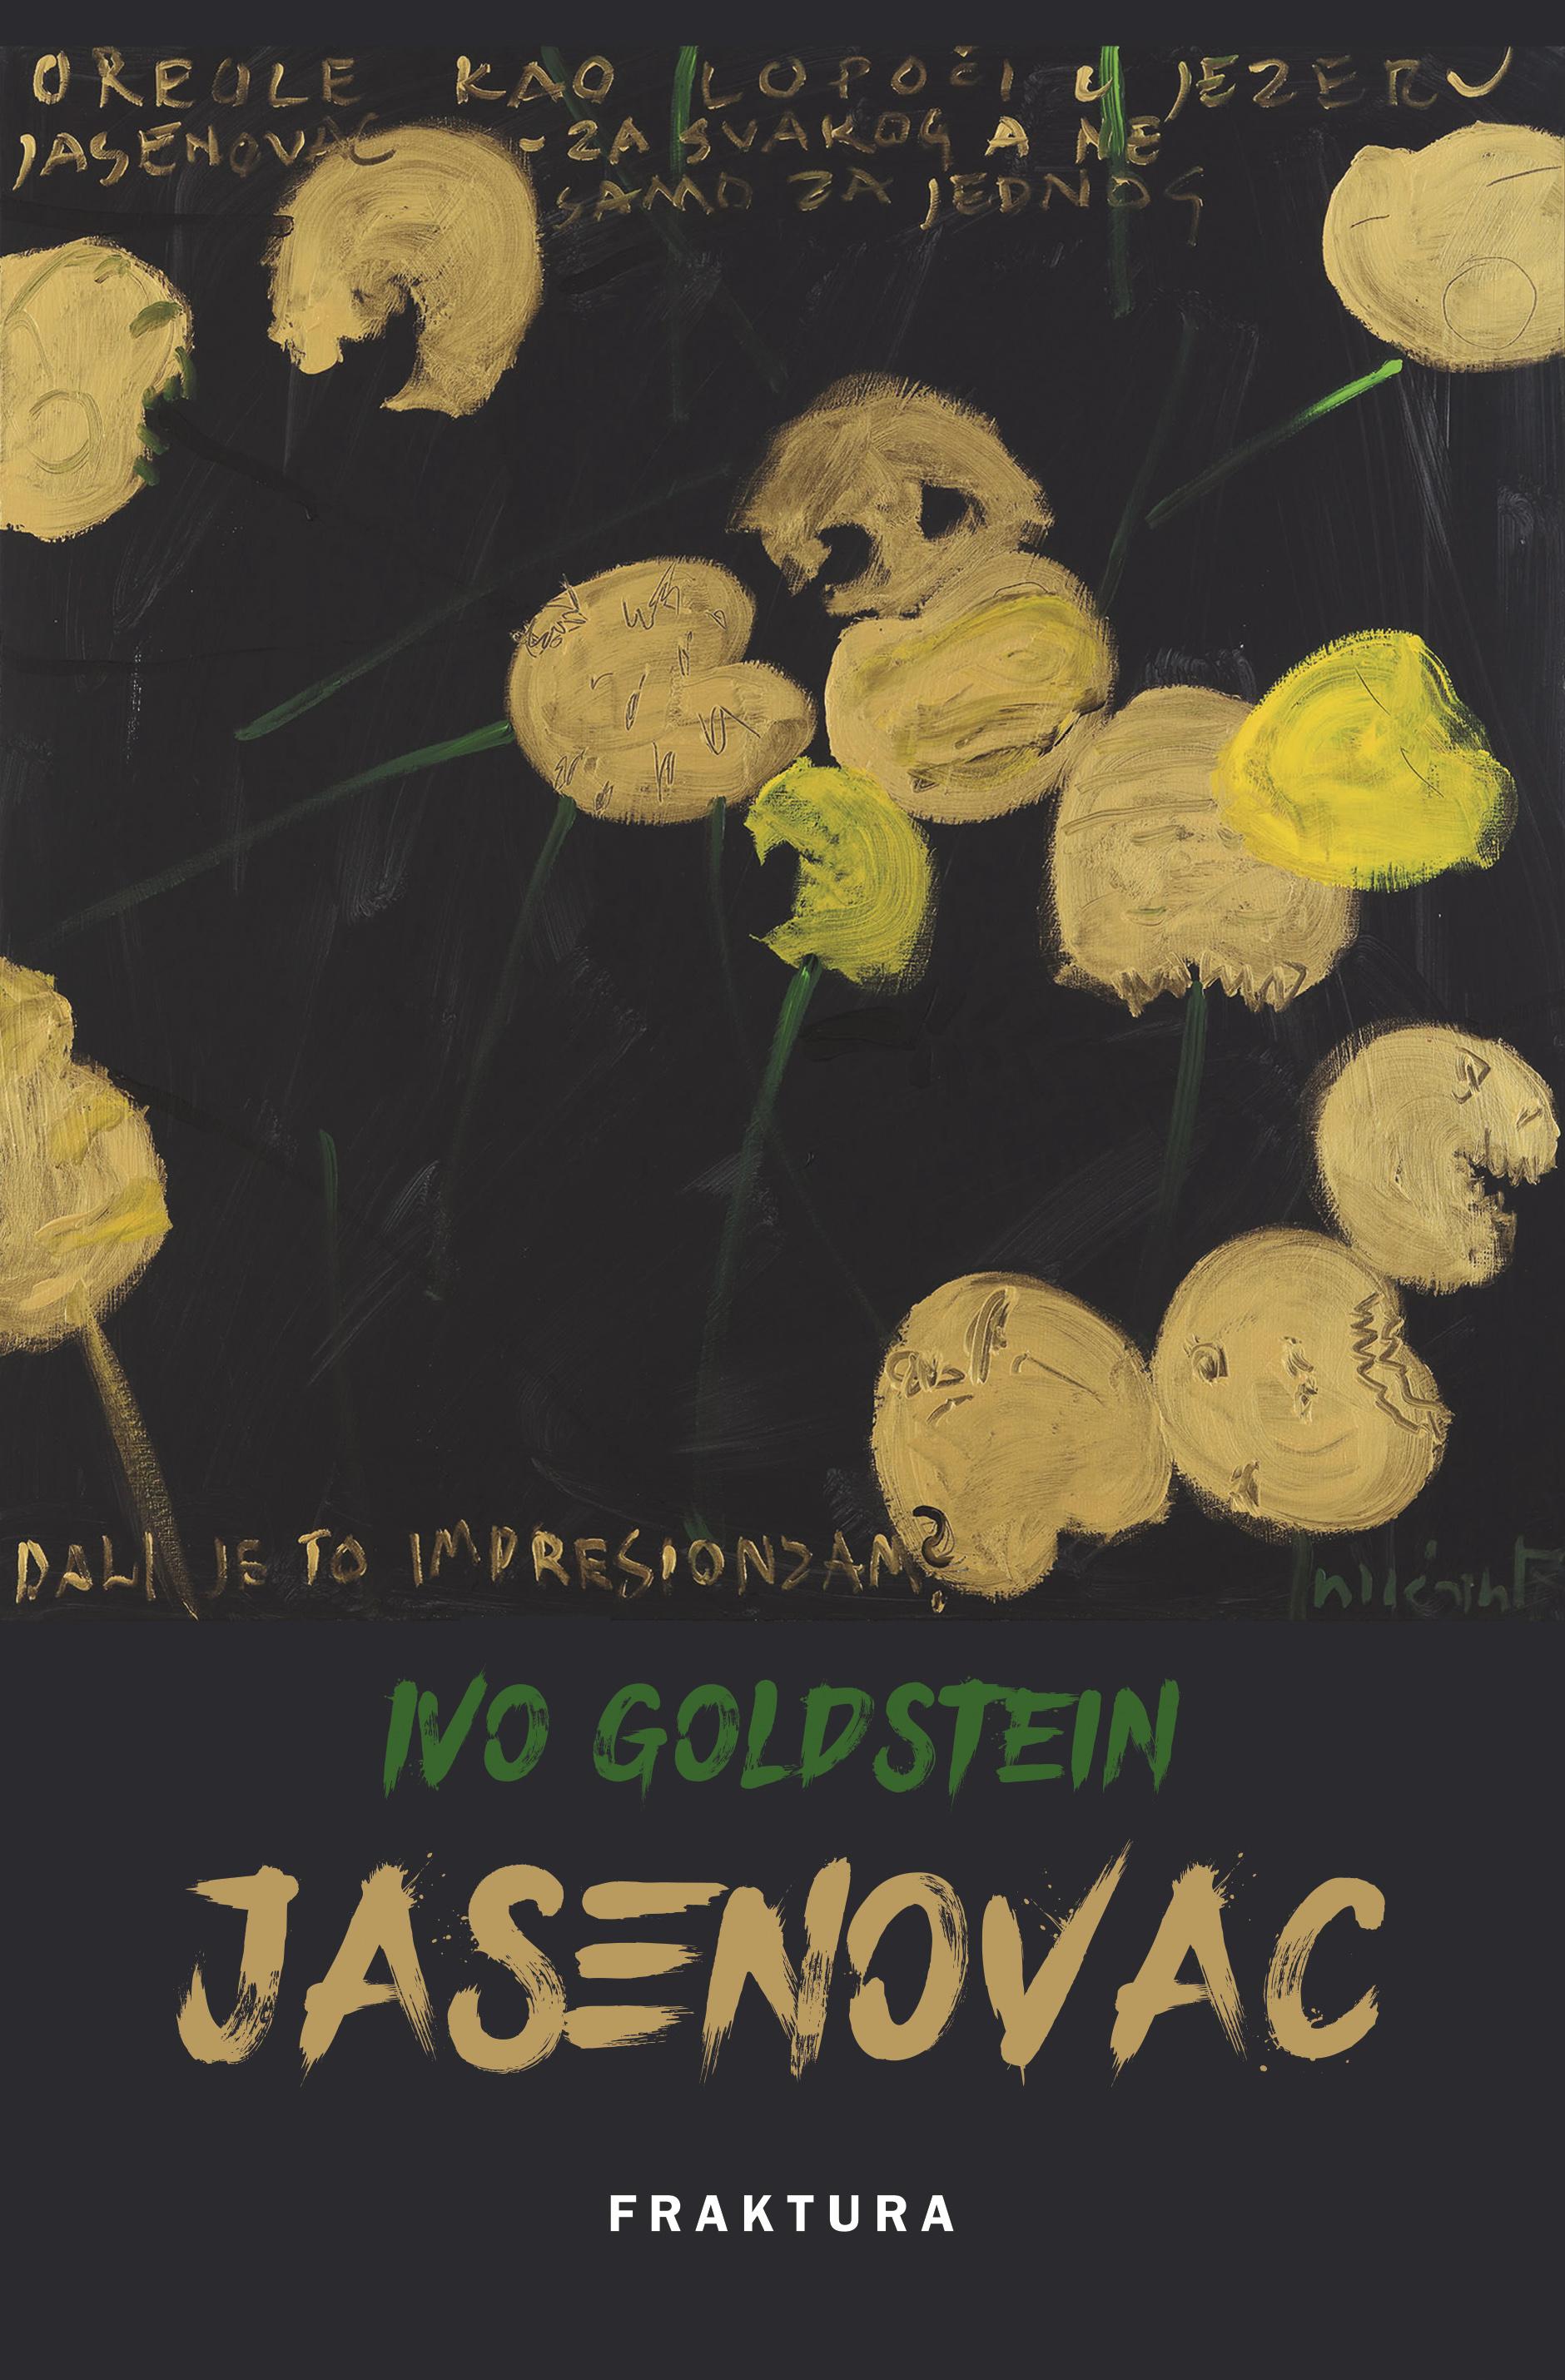 """Predstavljanje knjige """"Jasenovac"""" Ive Goldsteina"""